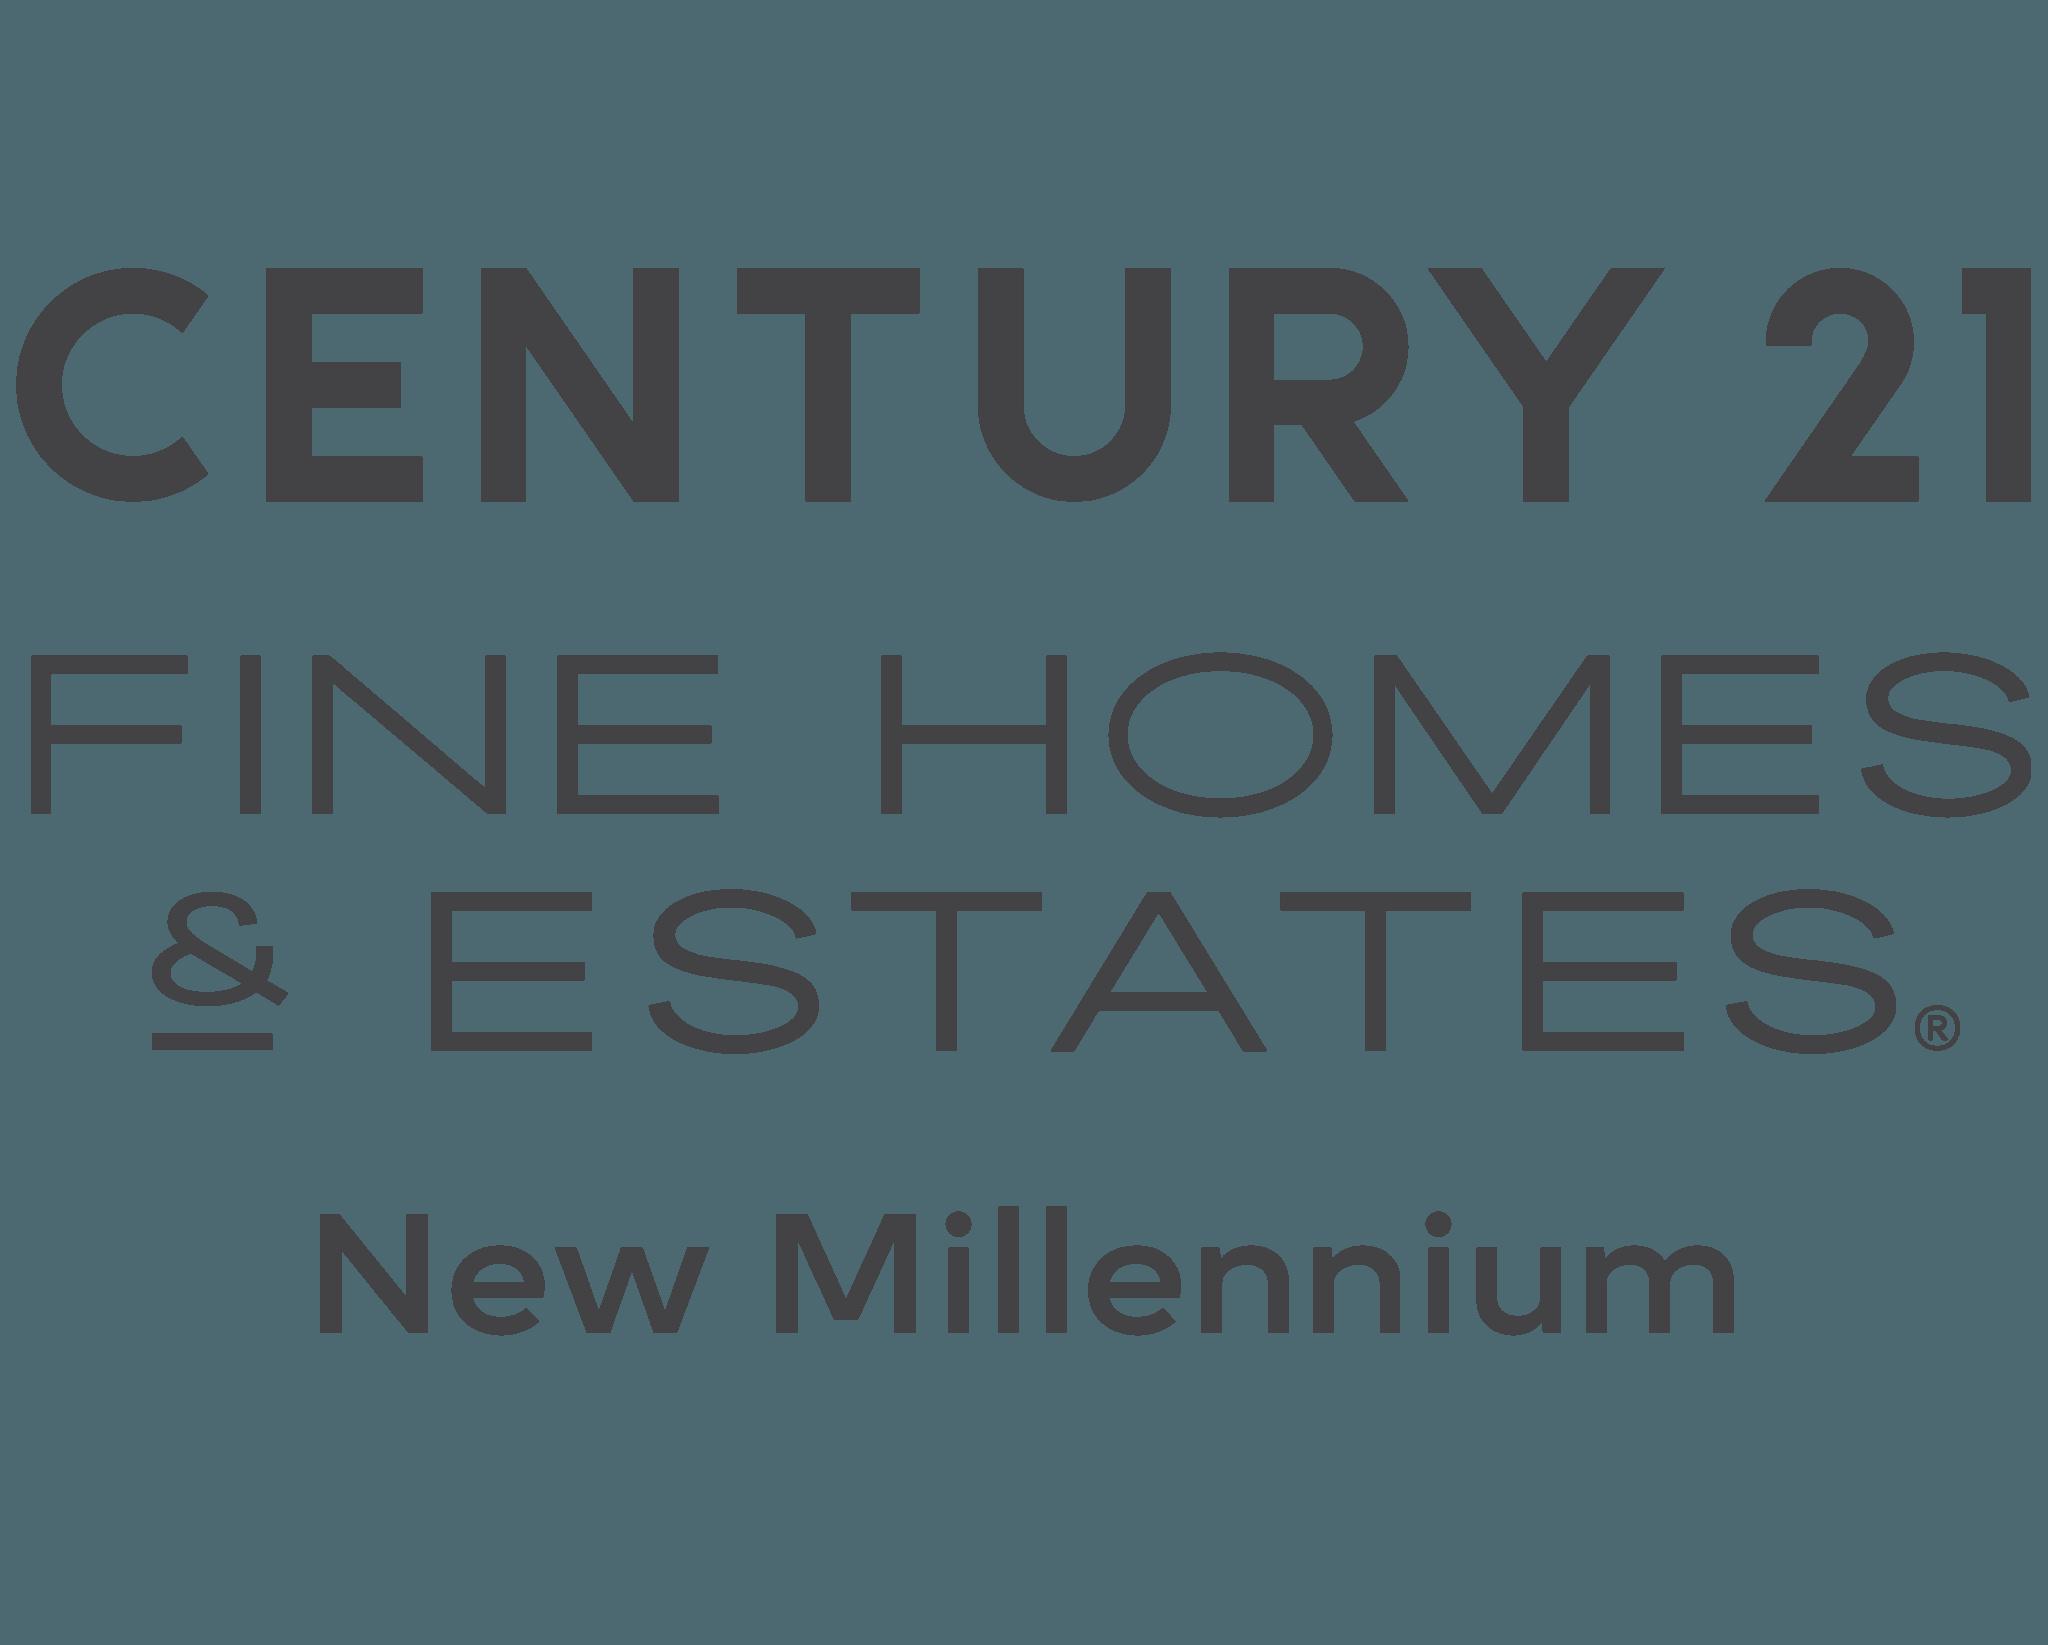 Fine Homes & Estates DBA Gray Center